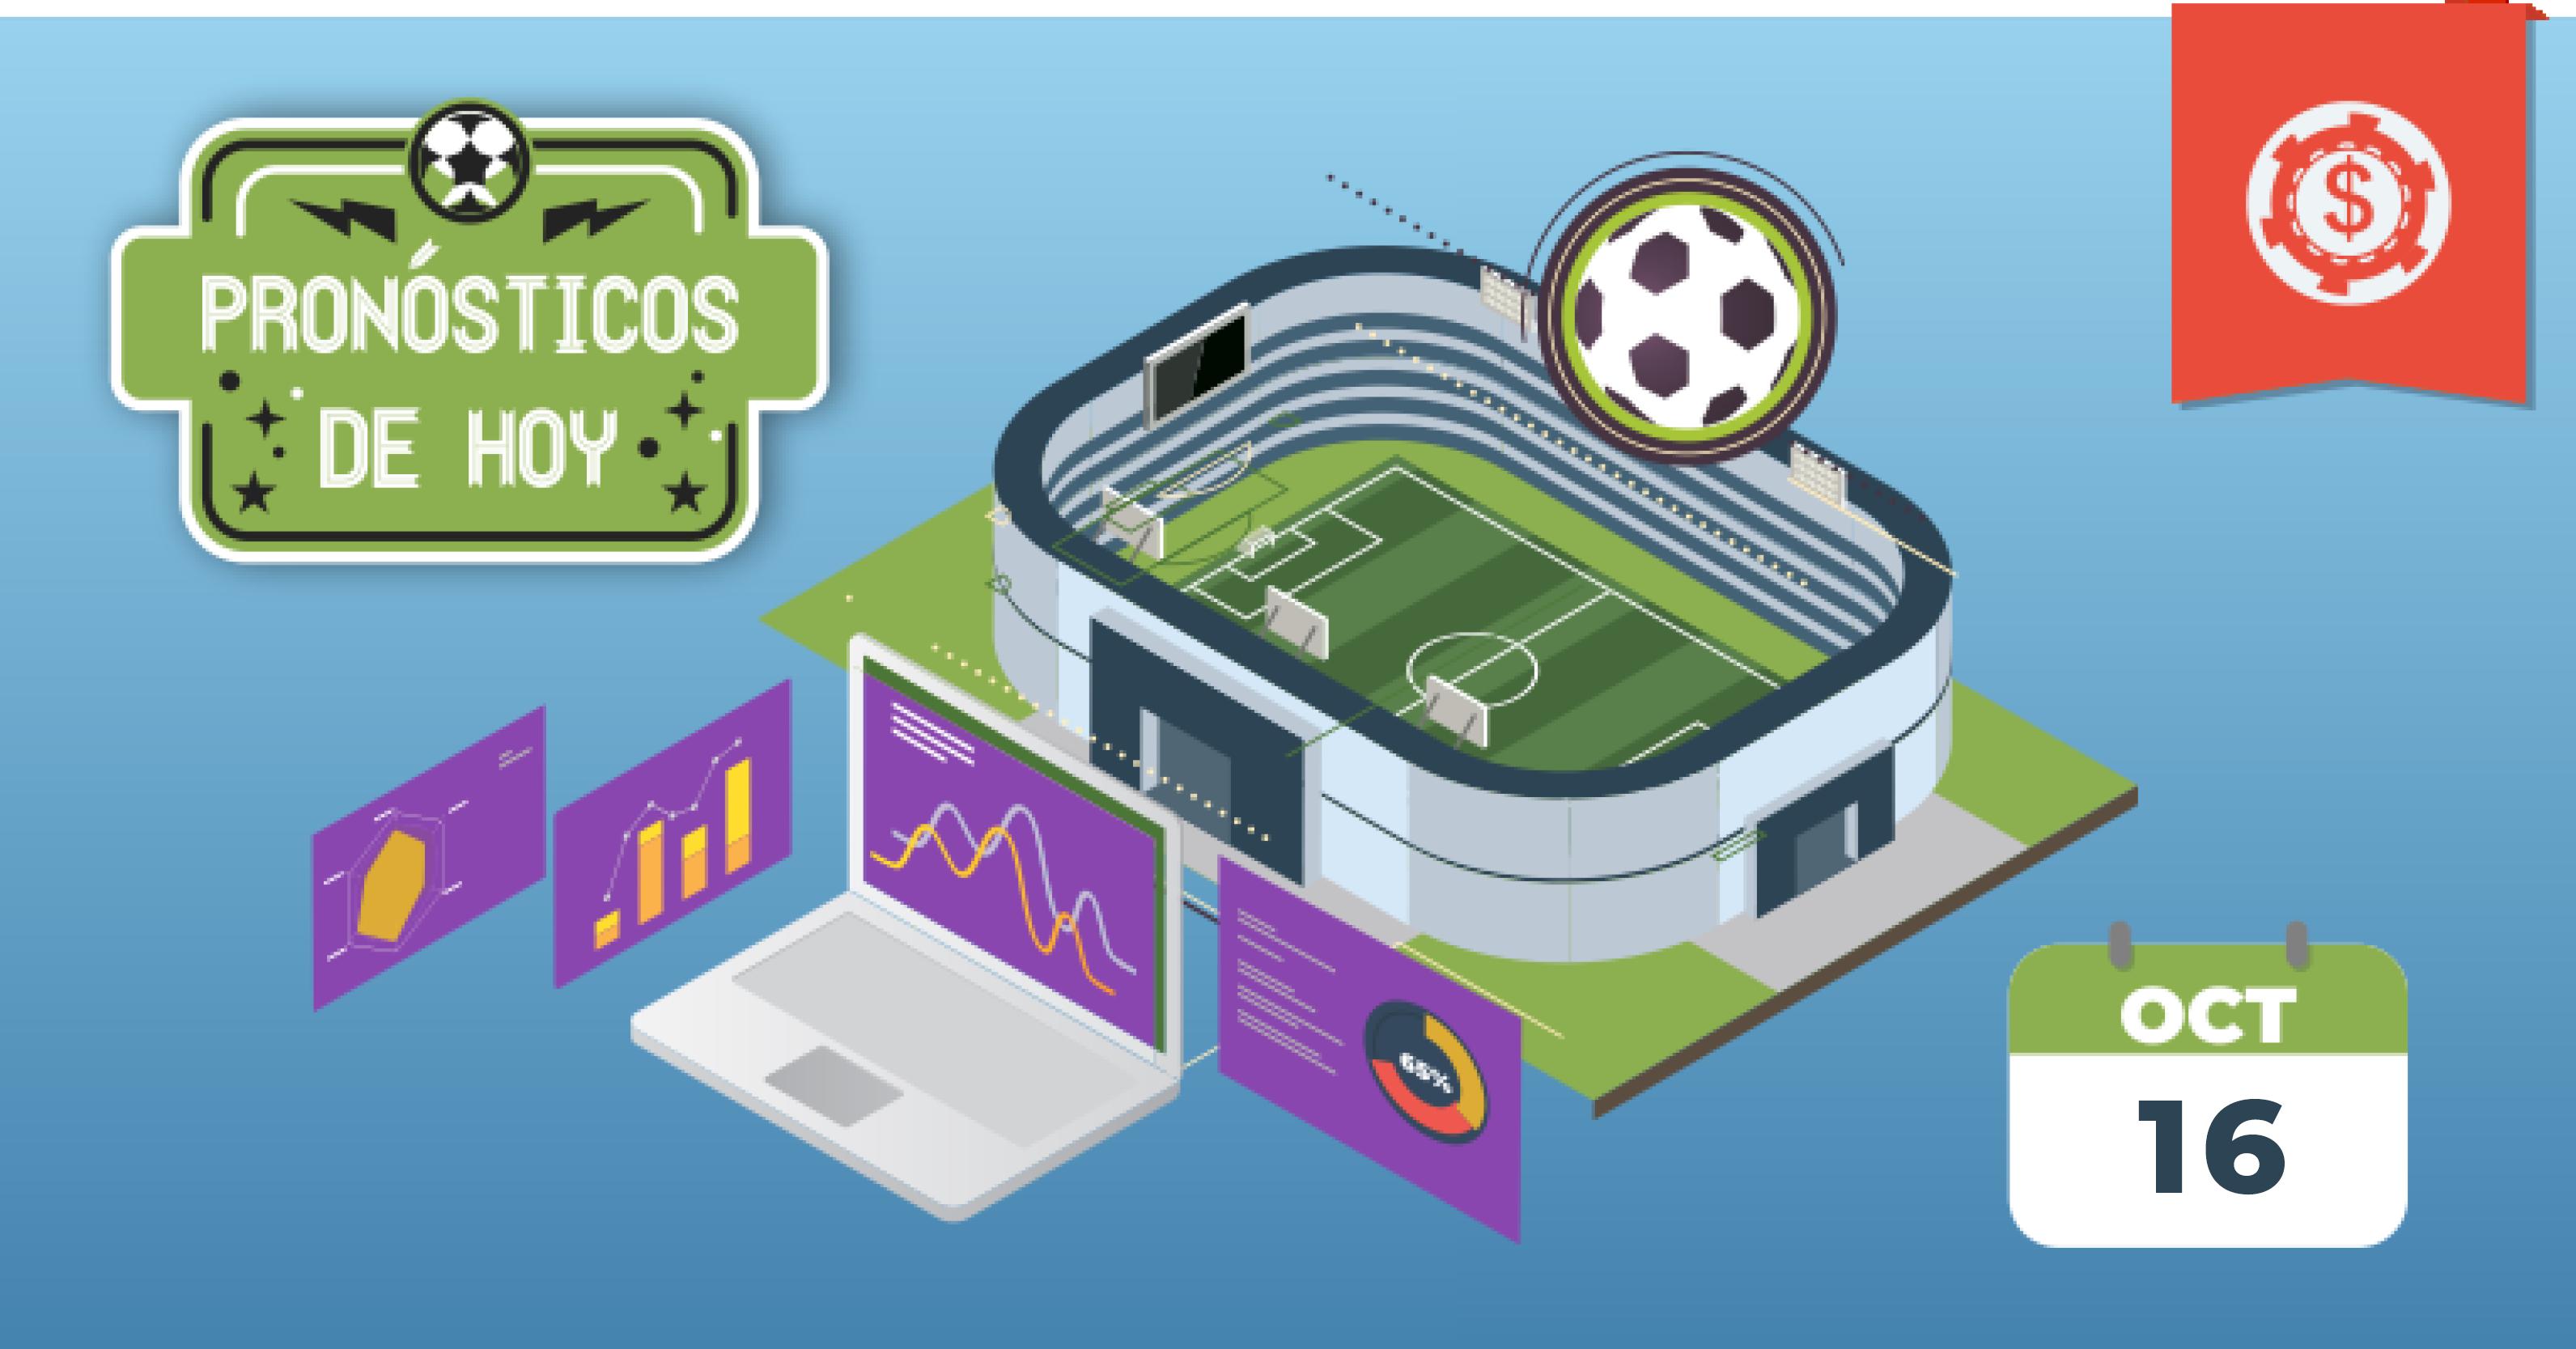 pronosticos-futbol-hoy-predicciones-16-octubre-2019